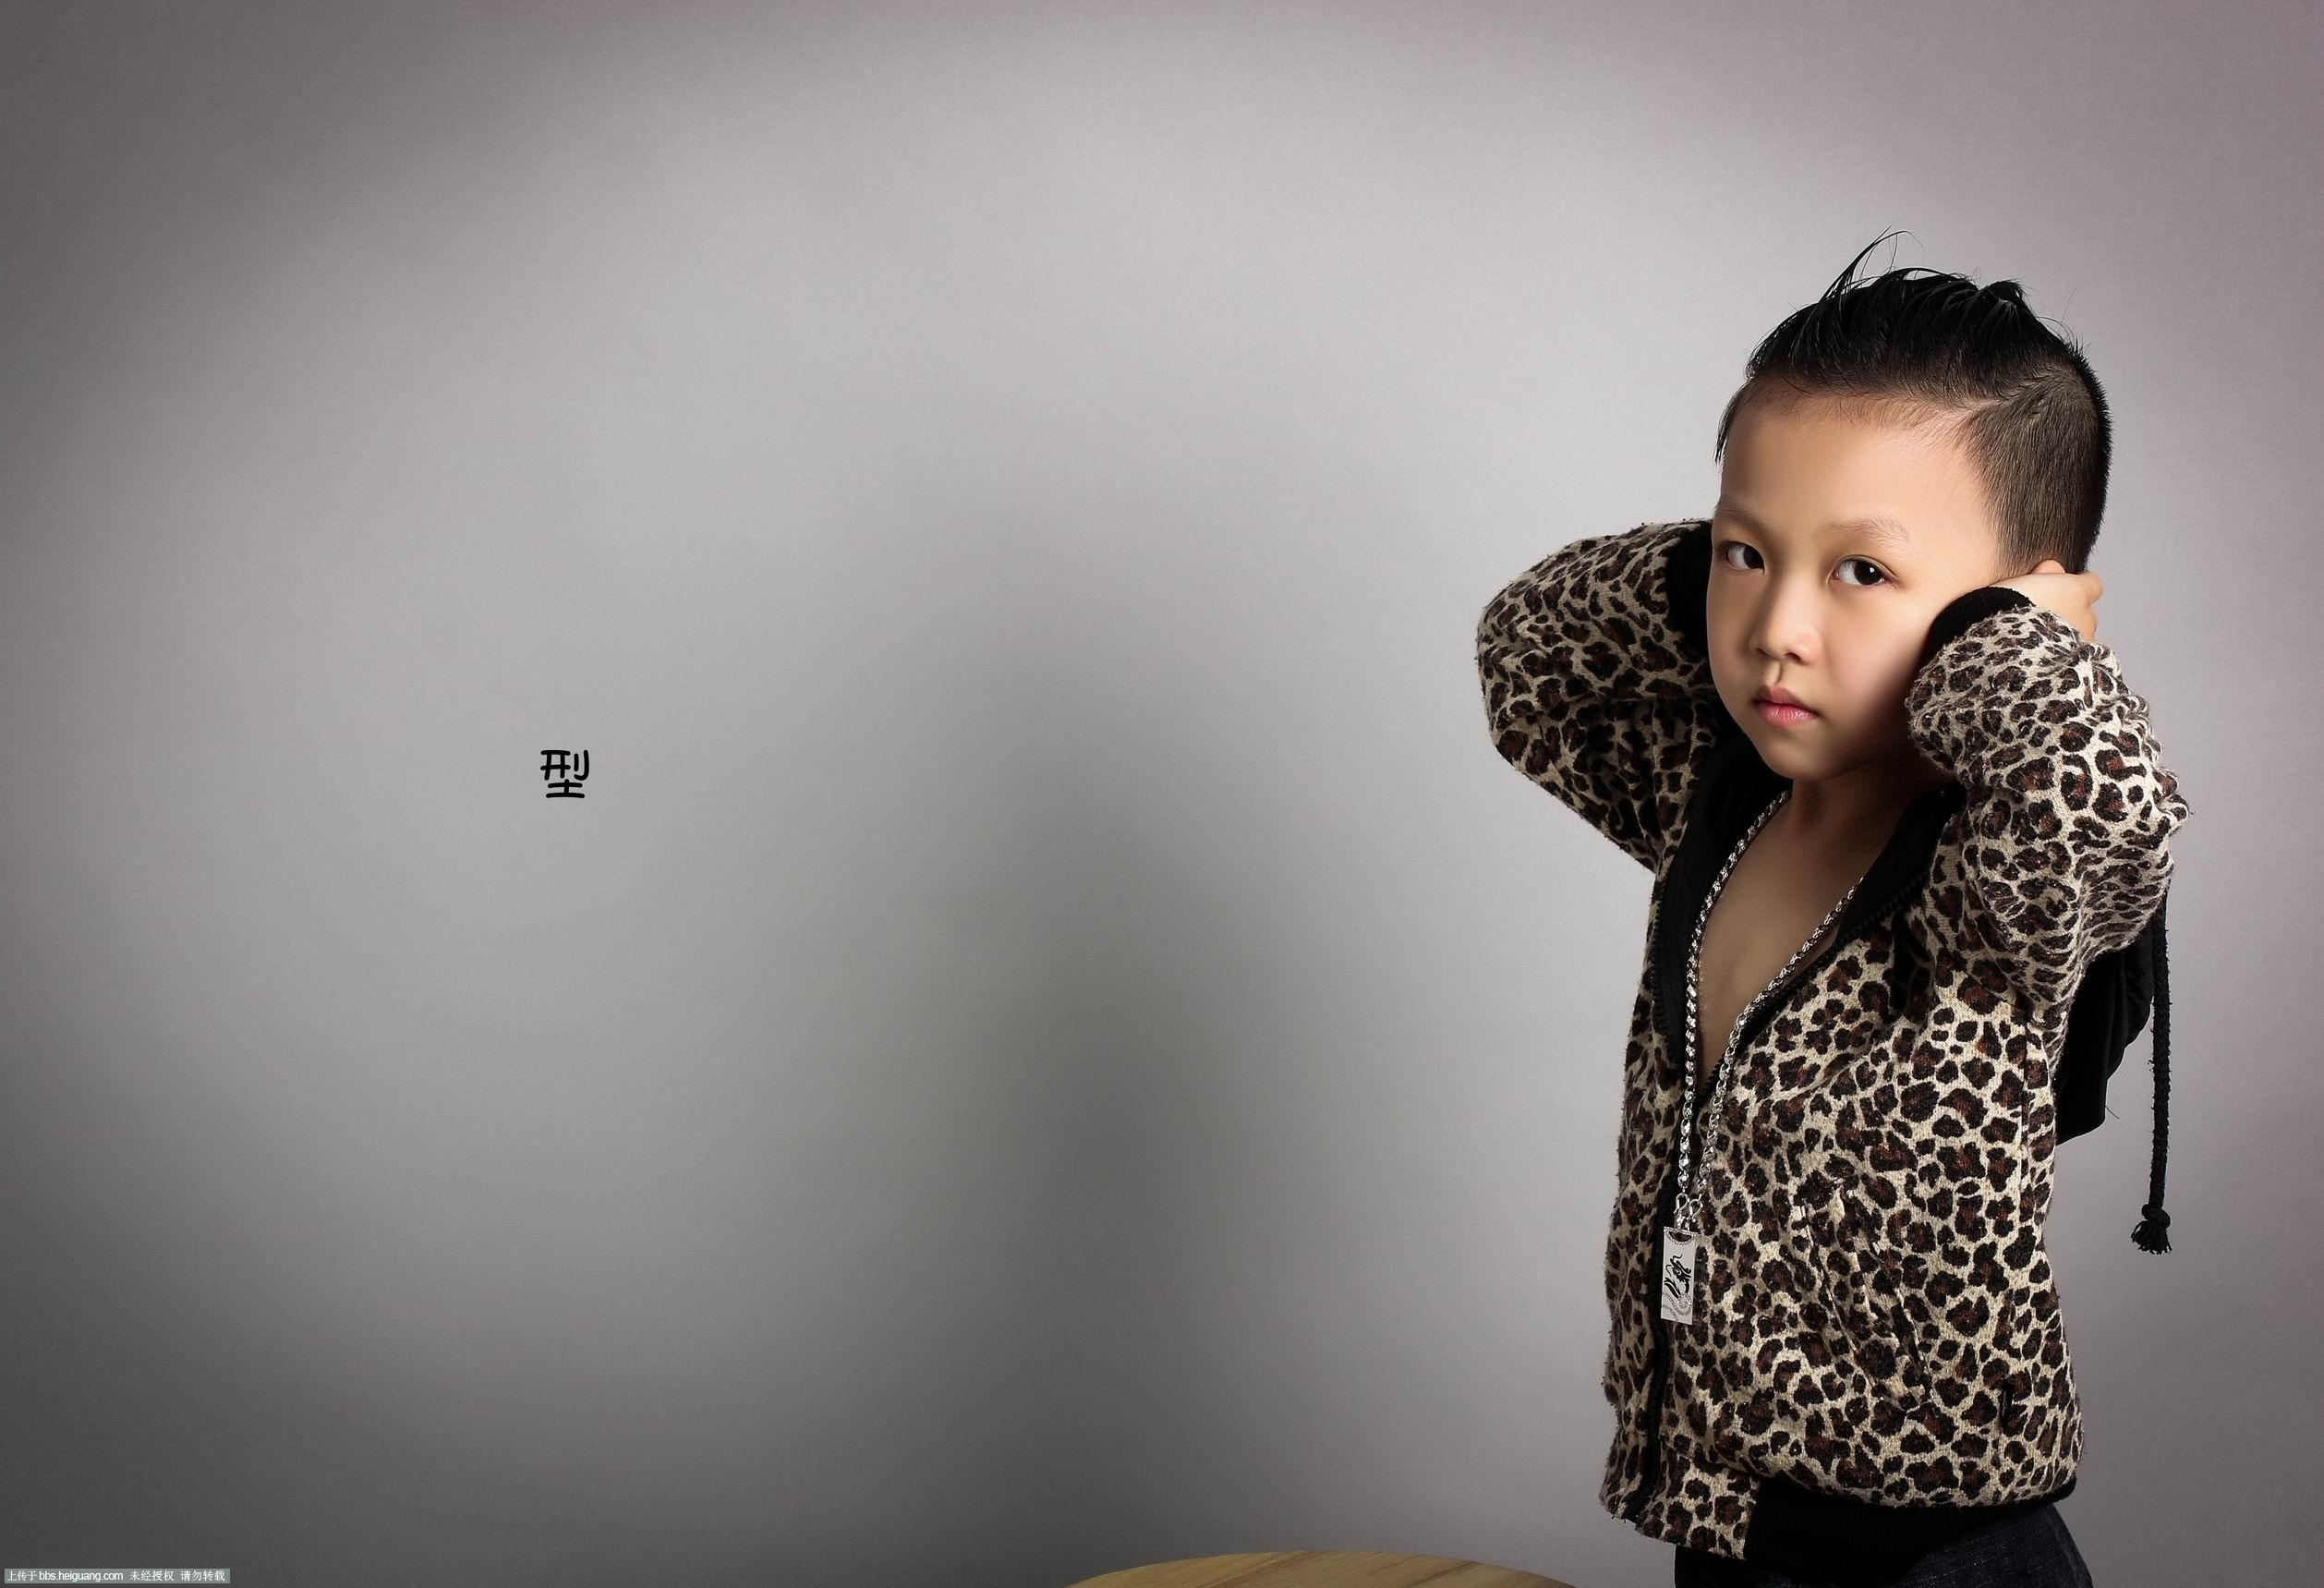 嘻哈的造型风格  简单 的背景拍摄--摄影师-卢欢